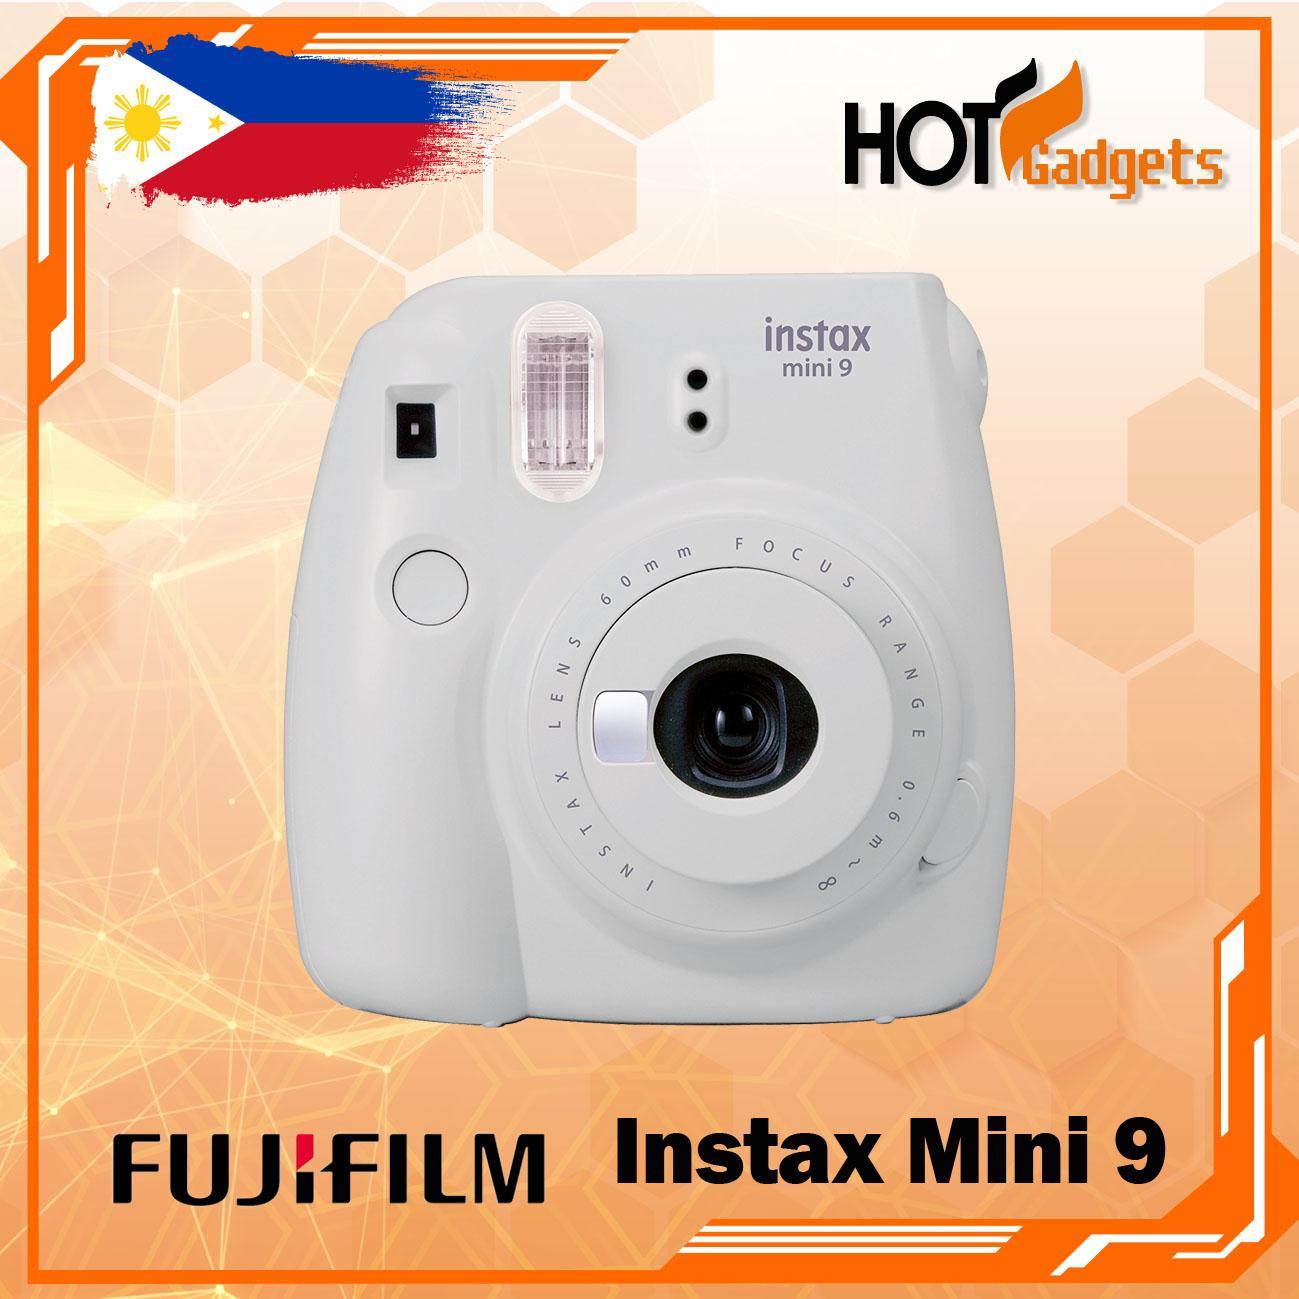 Fujifilm Instax Mini 9 Instant Camera (Smokey White)